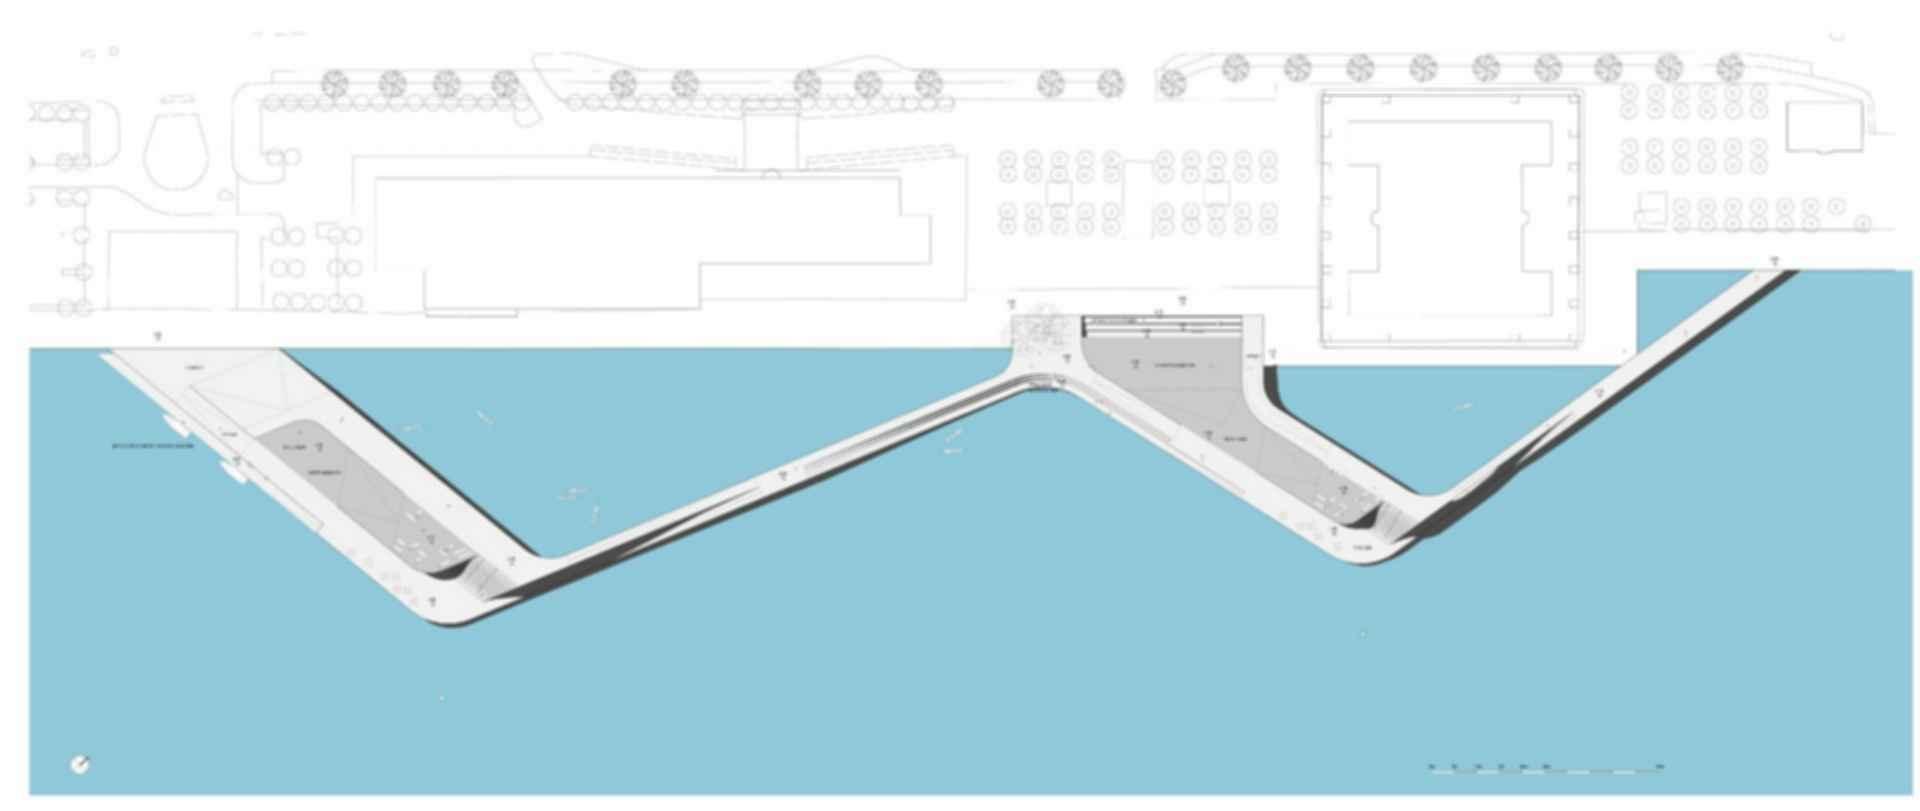 Kalvebod Waves - Concept Design